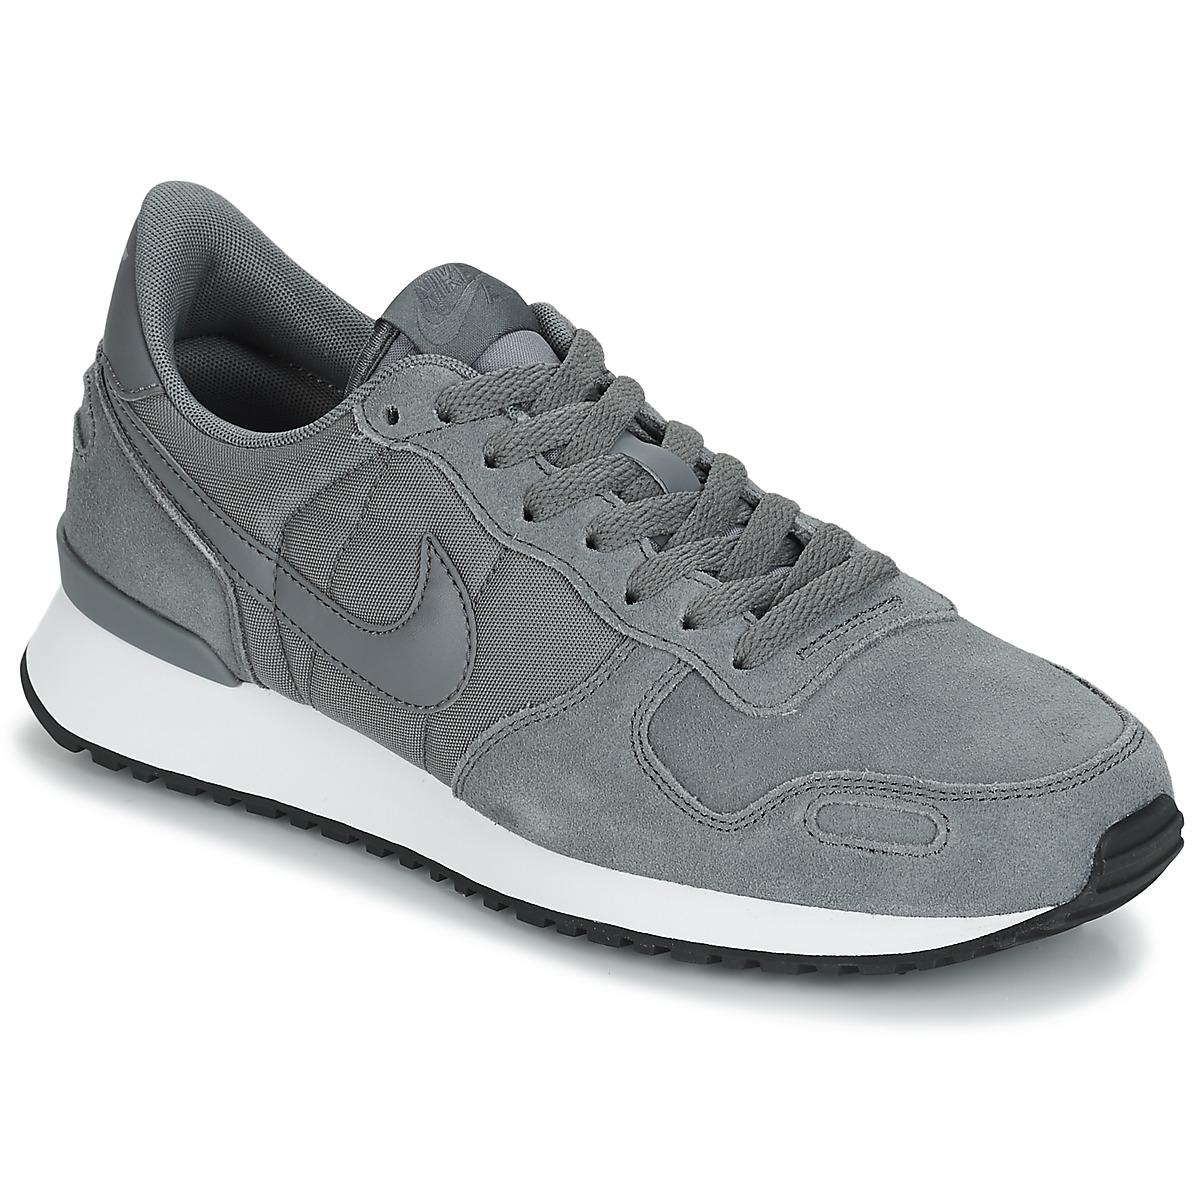 Nike AIR VORTEX LEATHER Grau - Kostenloser Versand bei Spartoode ! - Schuhe Sneaker Low Herren 62,99 €